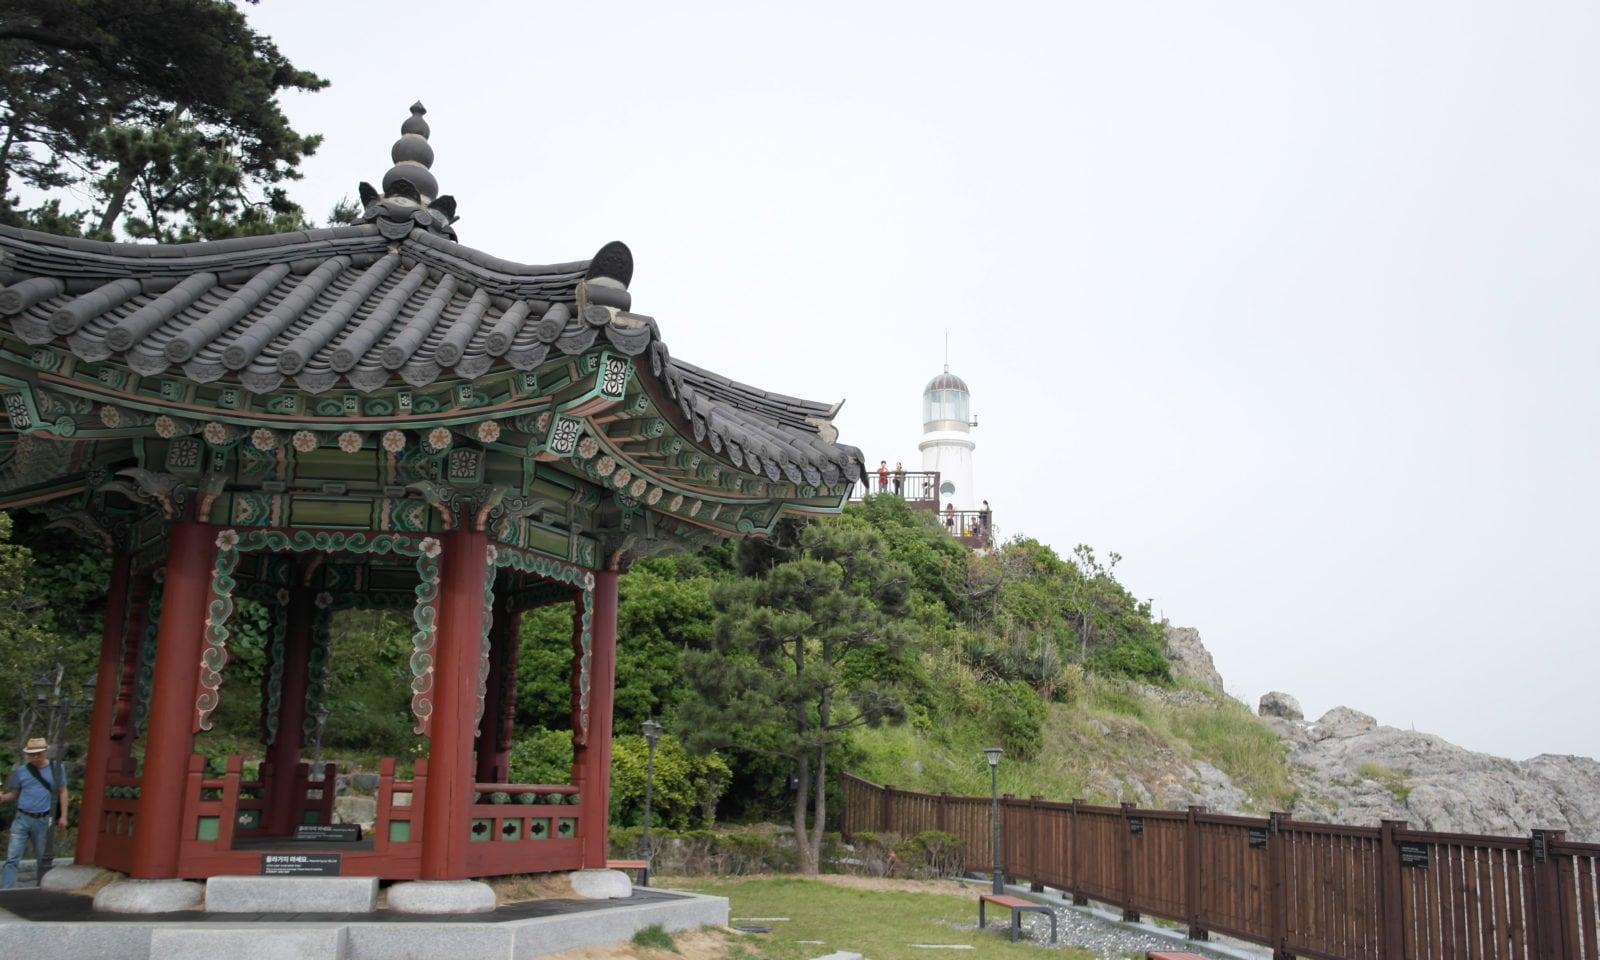 Haeundae Dongbaekseom Island | Haeundae-gu, Busan